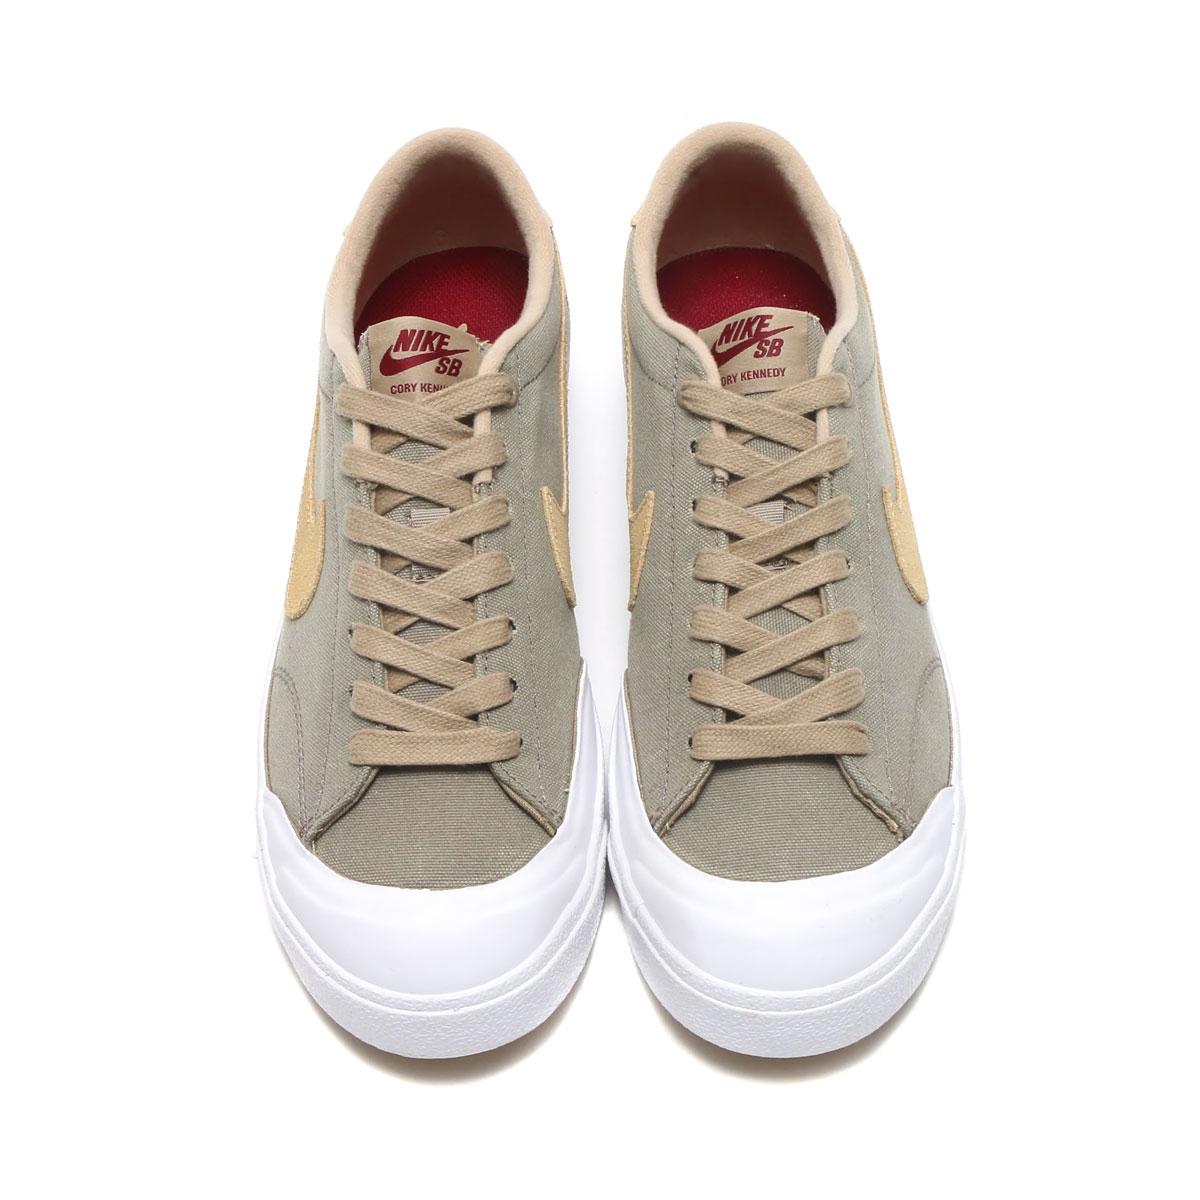 promo code fe7ef 288c4 NIKE ZOOM ALL COURT CK (KHAKI MUSHROOM-WHITE-GUM LIGHT BROWN) (Nike zoom  oar coat CK)